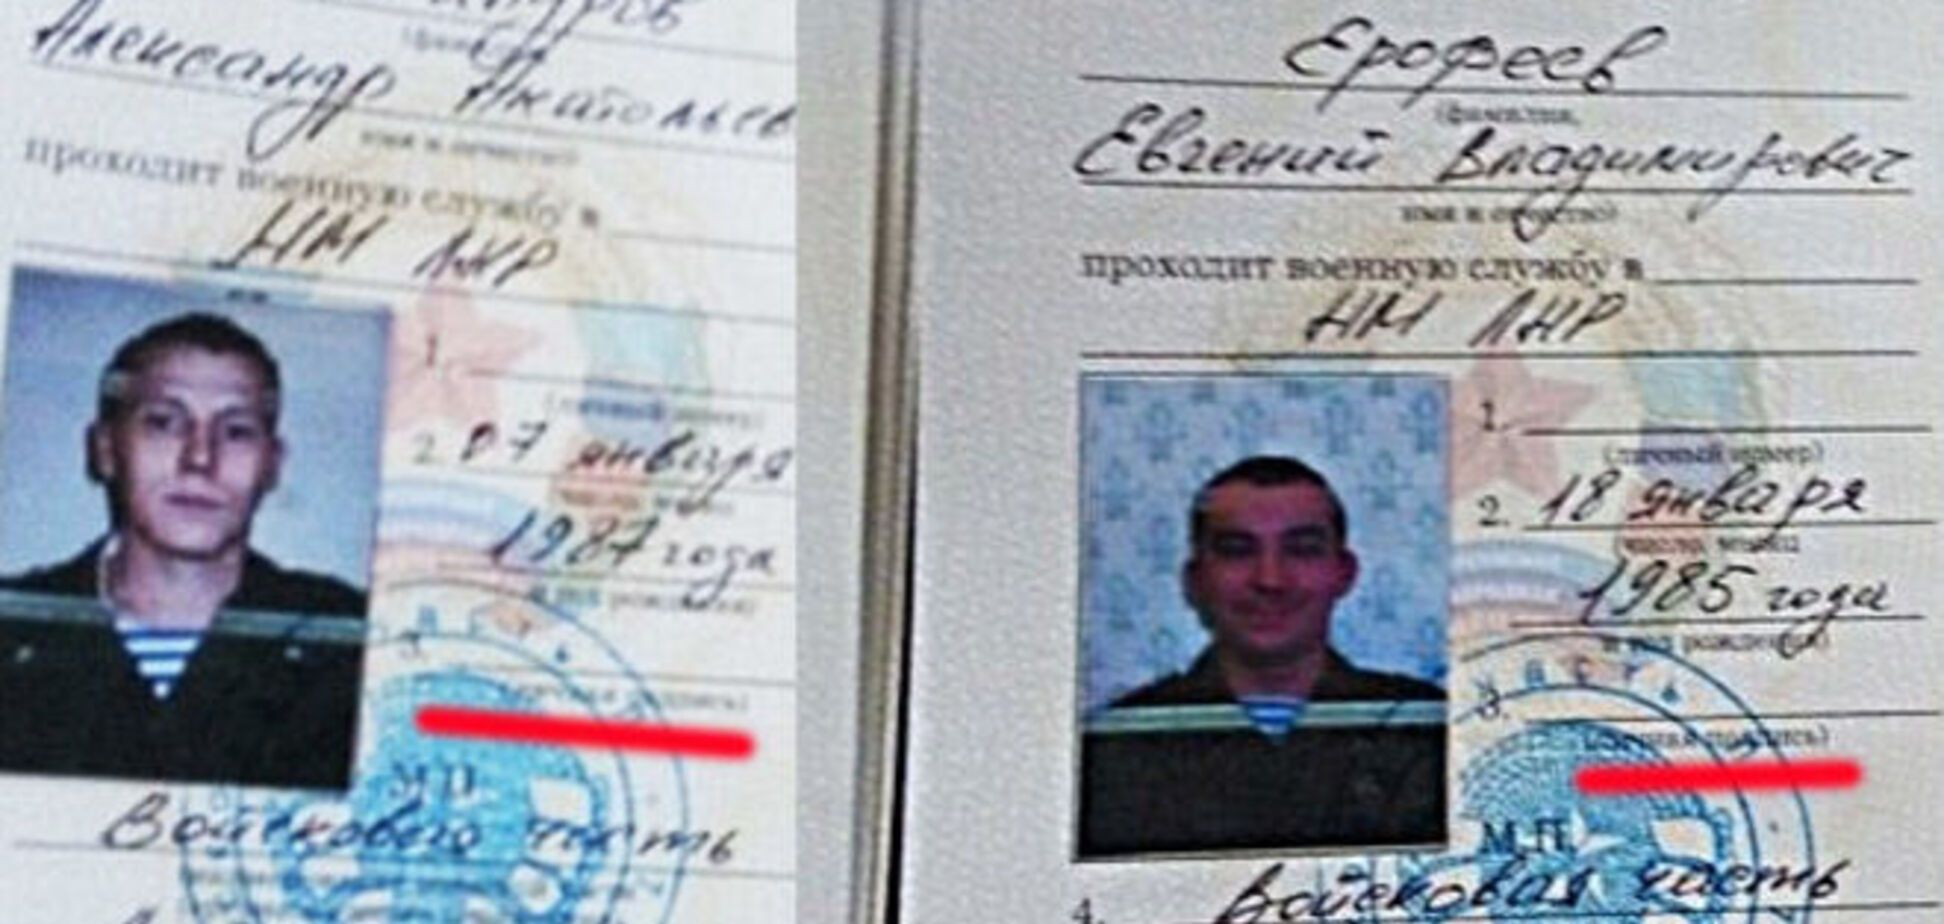 Российского солдата предупредили: твое имя станет неизвестным, а подвиг - сомнительным